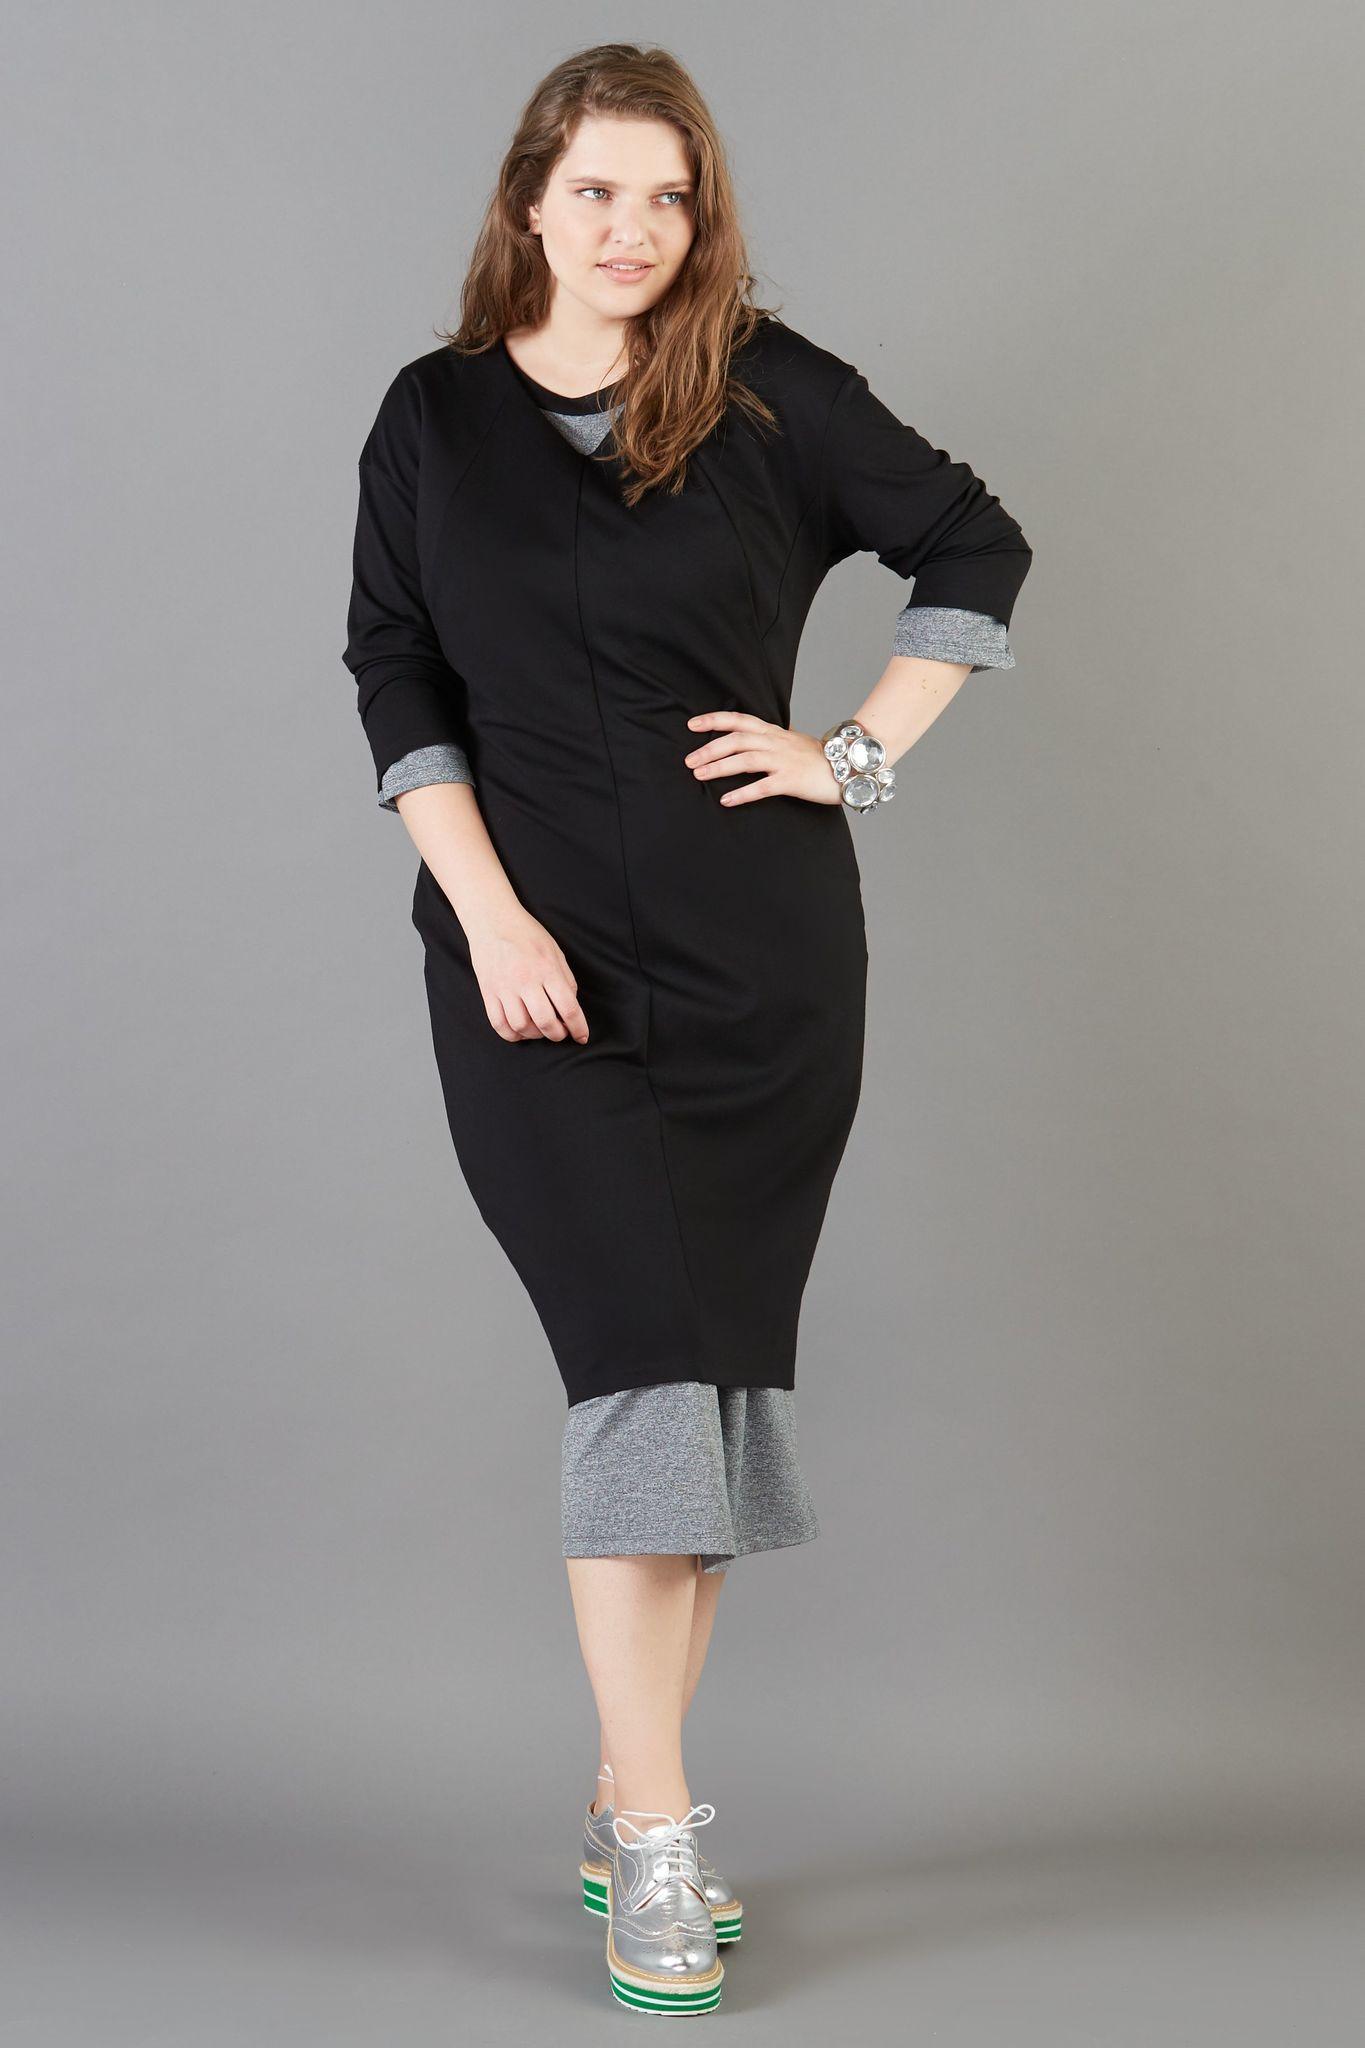 Платье BASE-03 DR01 DM01Платья<br>Великолепное платье прямого силуэта с V образным вырезом из итальянского трикотажа. Стильное и элегантное. Обладает фантастической комфортностью за счет мягкого струящегося, но не облегающего трикотажа. Рекомендуется для всех случаев жизни, с любой обувью, с любым образом. Идеальная длина рукава создает Вам комфорт в течении всего дня. Гармонично смотрится с любыми аксессуарами и обувью.<br>